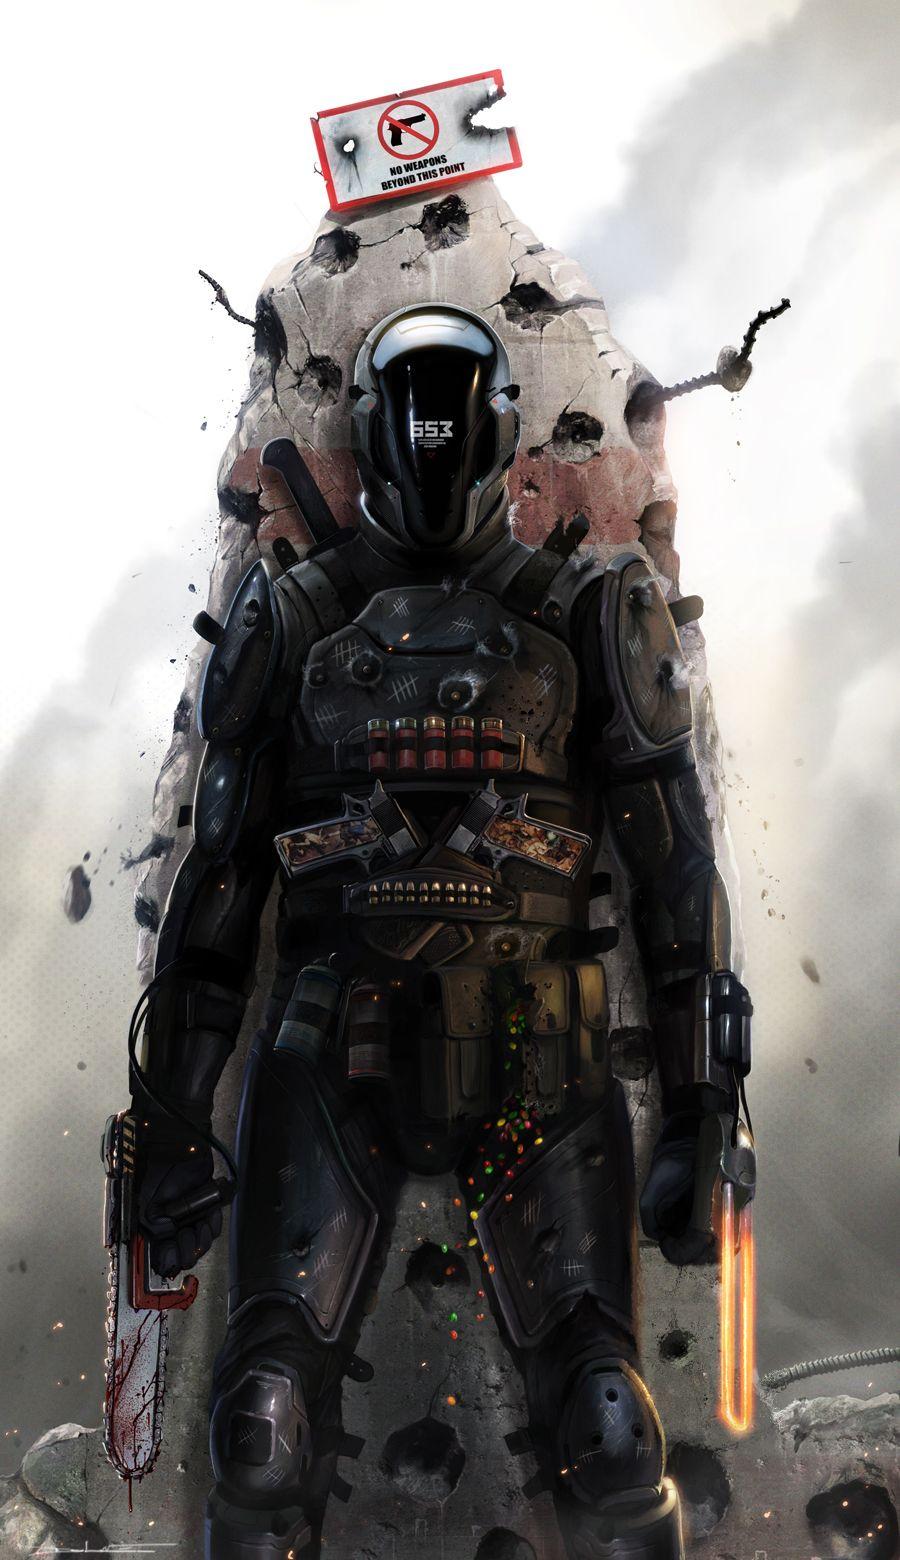 Gabriel Picture  (2d, illustration, soldier, sci-fi)